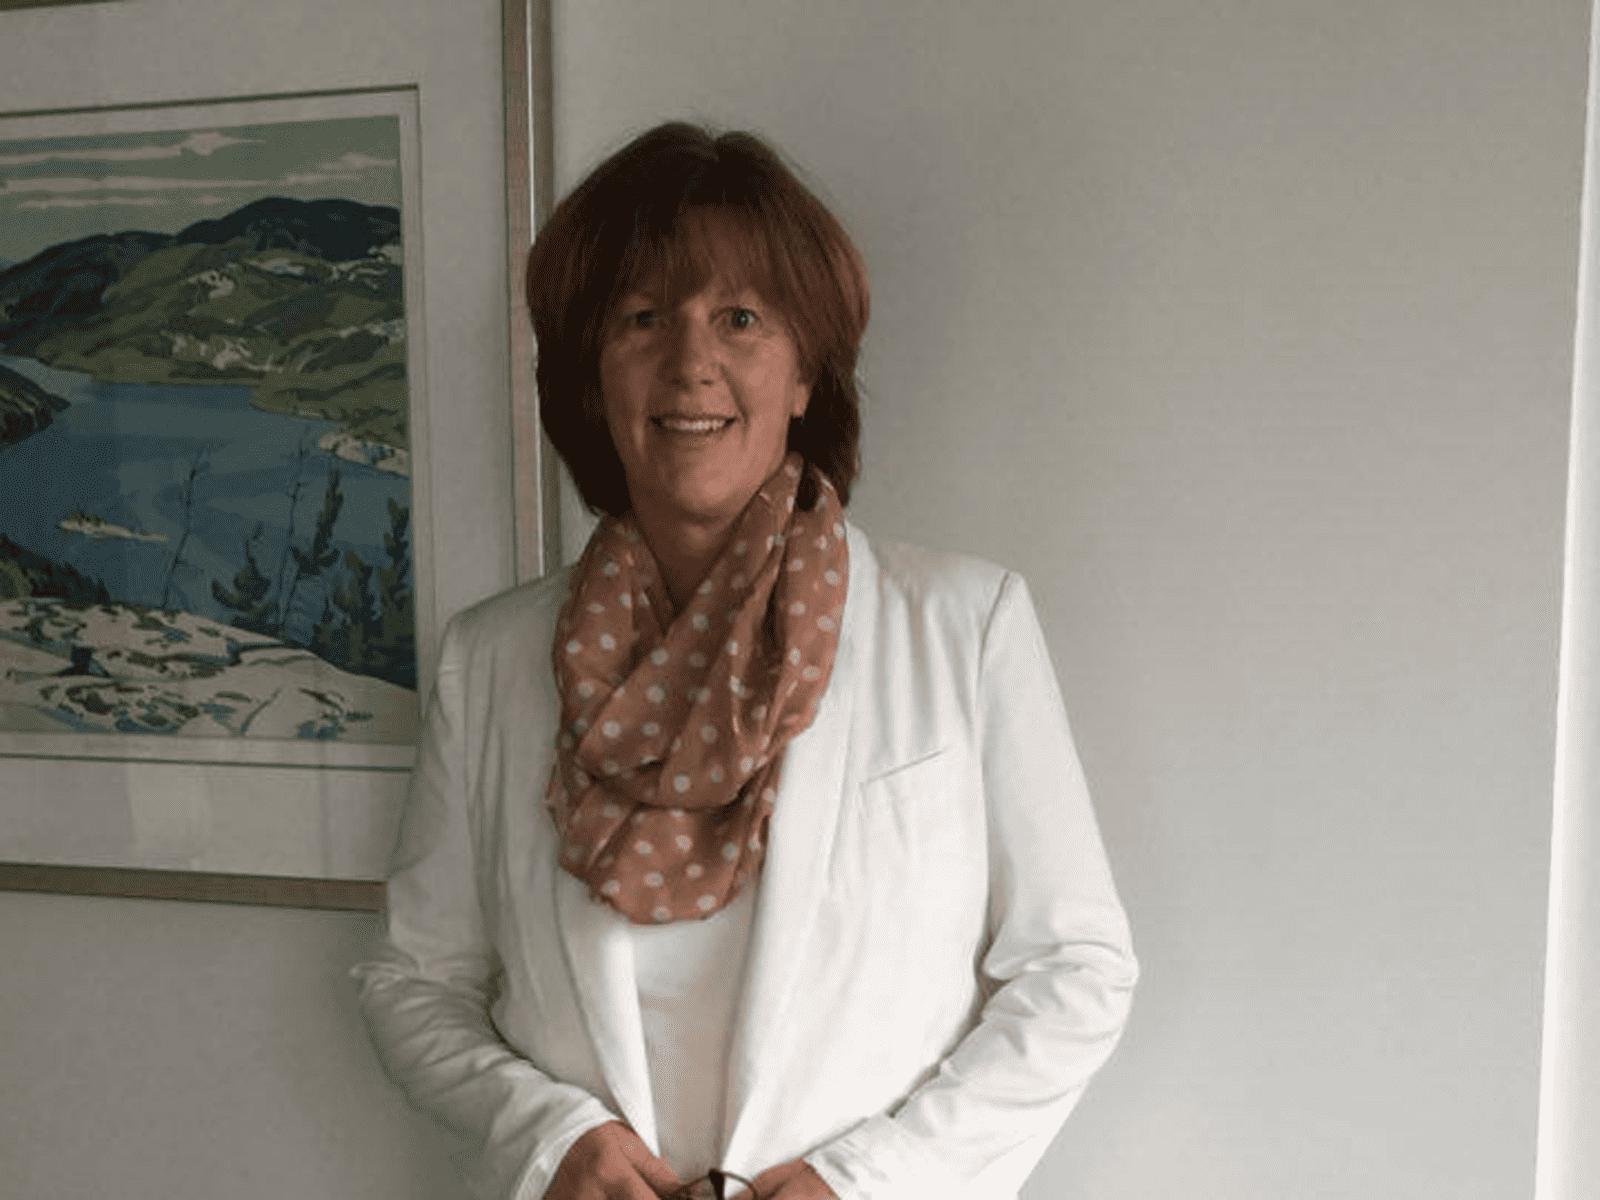 Shirley from Dartmouth, Nova Scotia, Canada